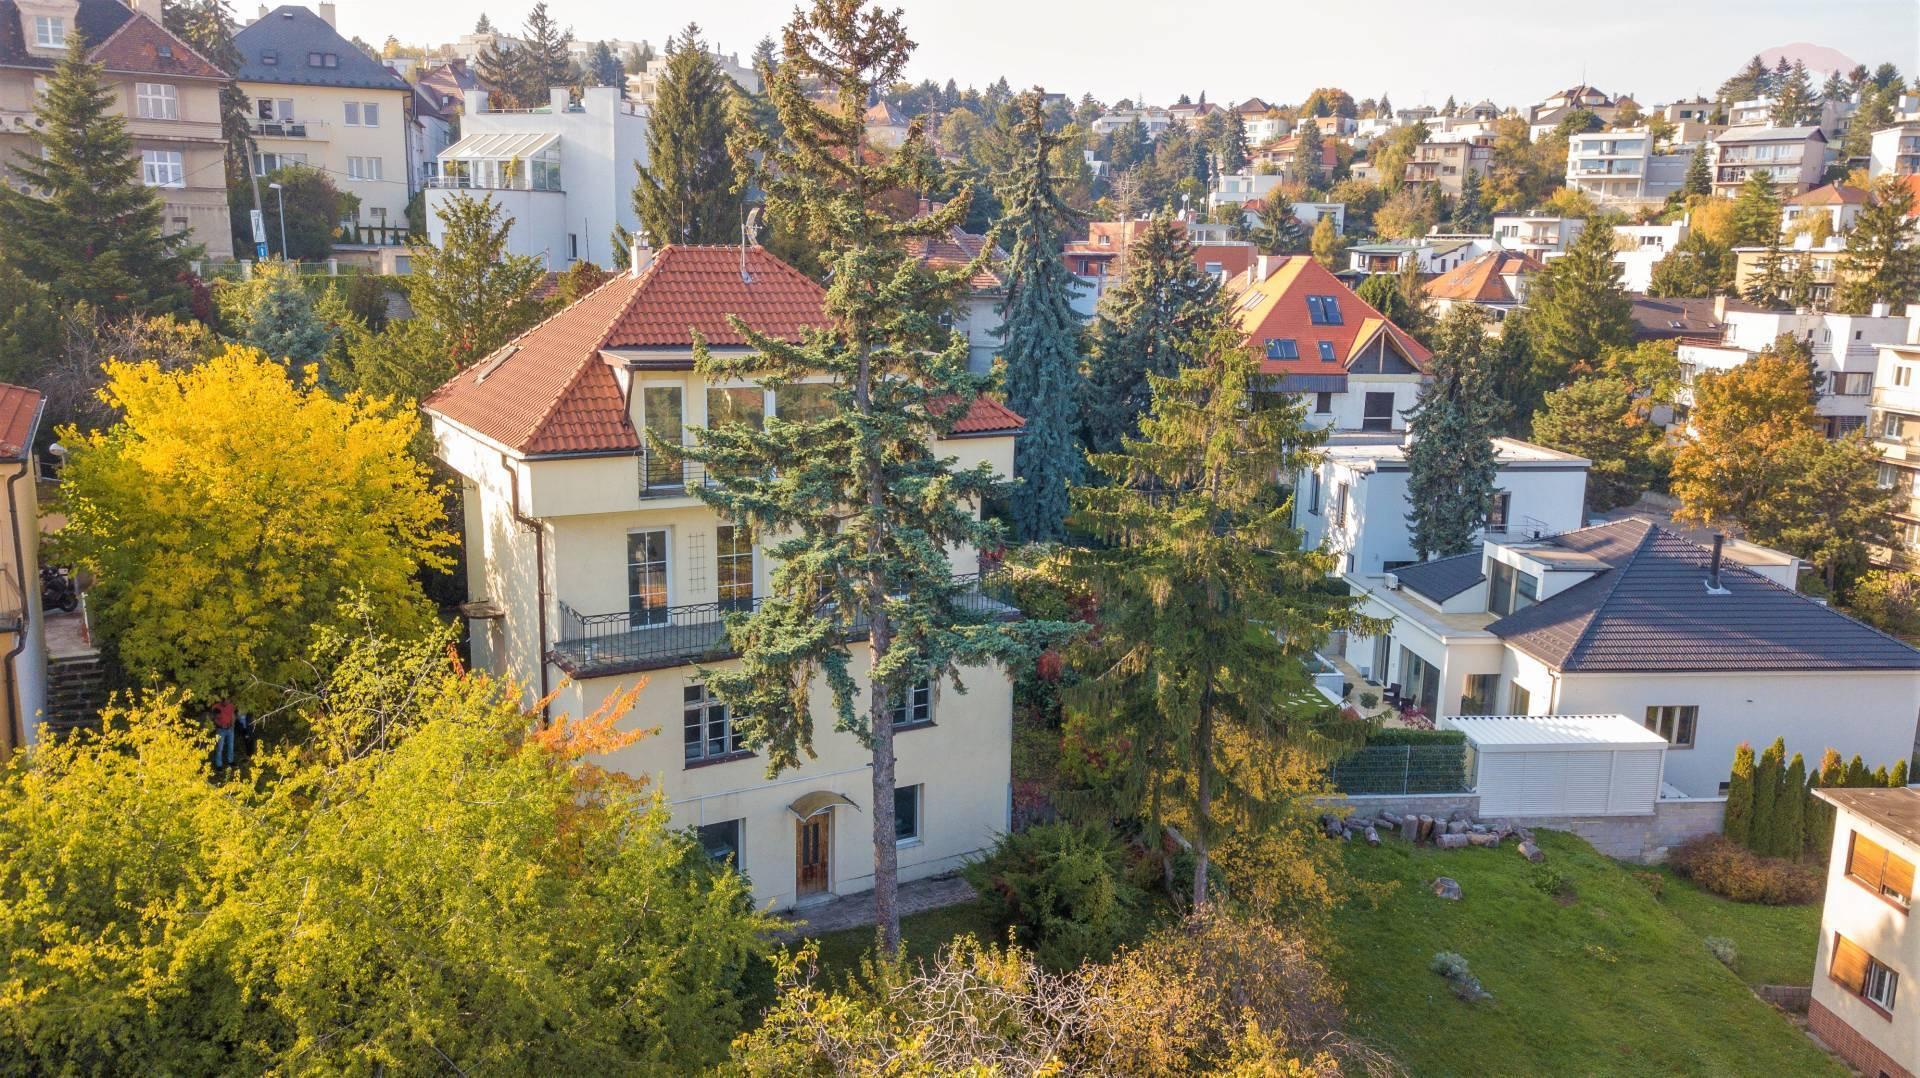 REZERVOVANÉ vila v atraktívnej lokalite s nádherným výhľadom a 3 bytovými jednotkami, Staré Mesto